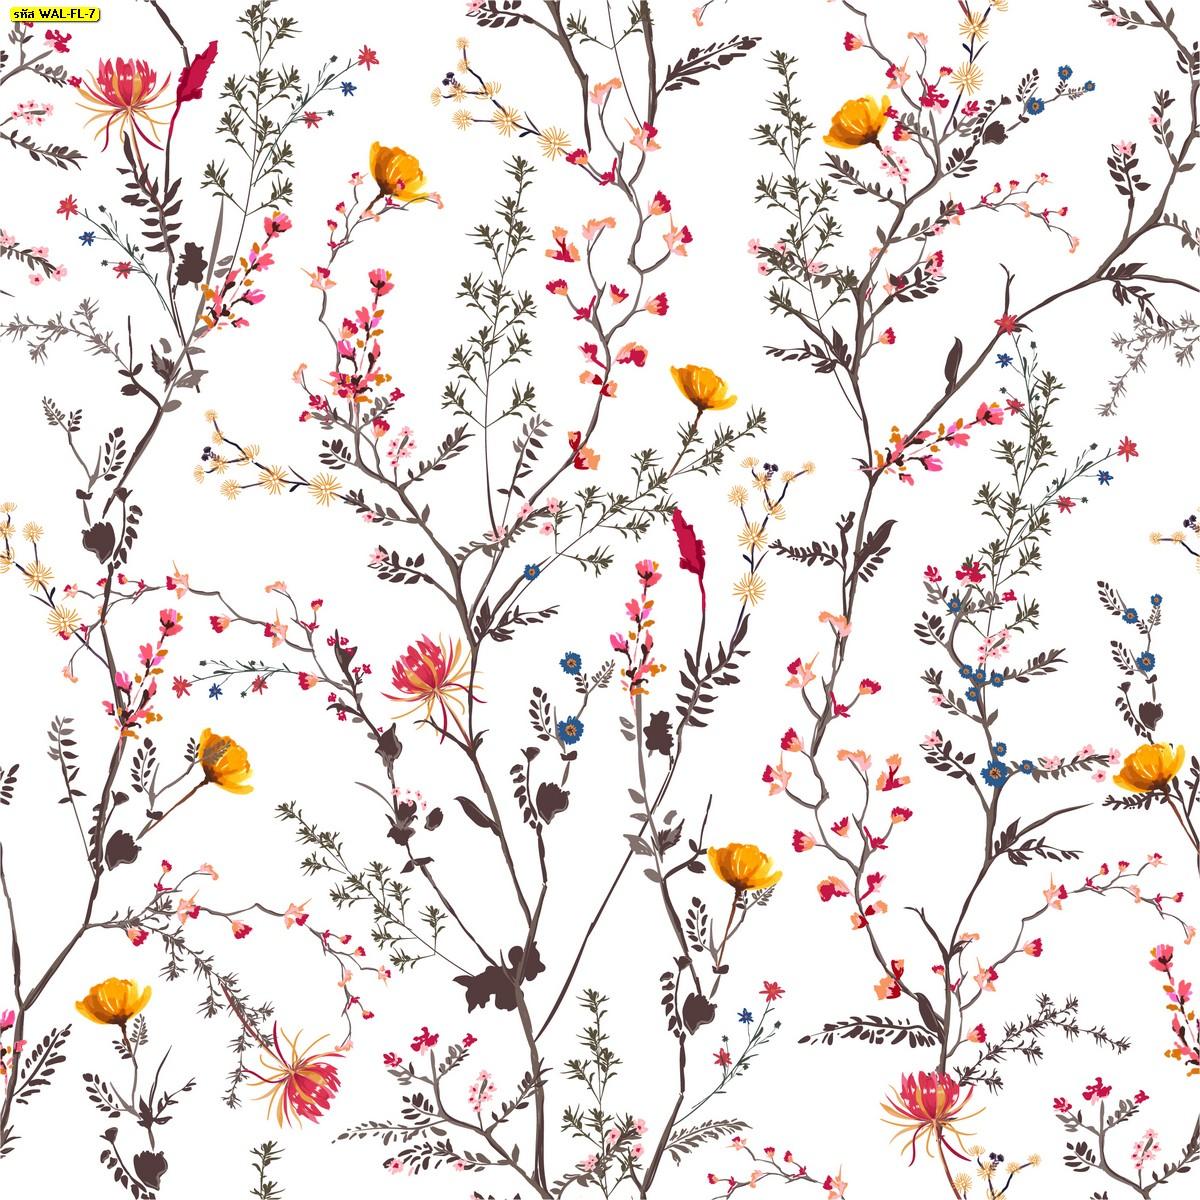 วอลเปเปอร์สั่งพิมพ์ต่อลายก้านดอกไม้พื้นสีขาว